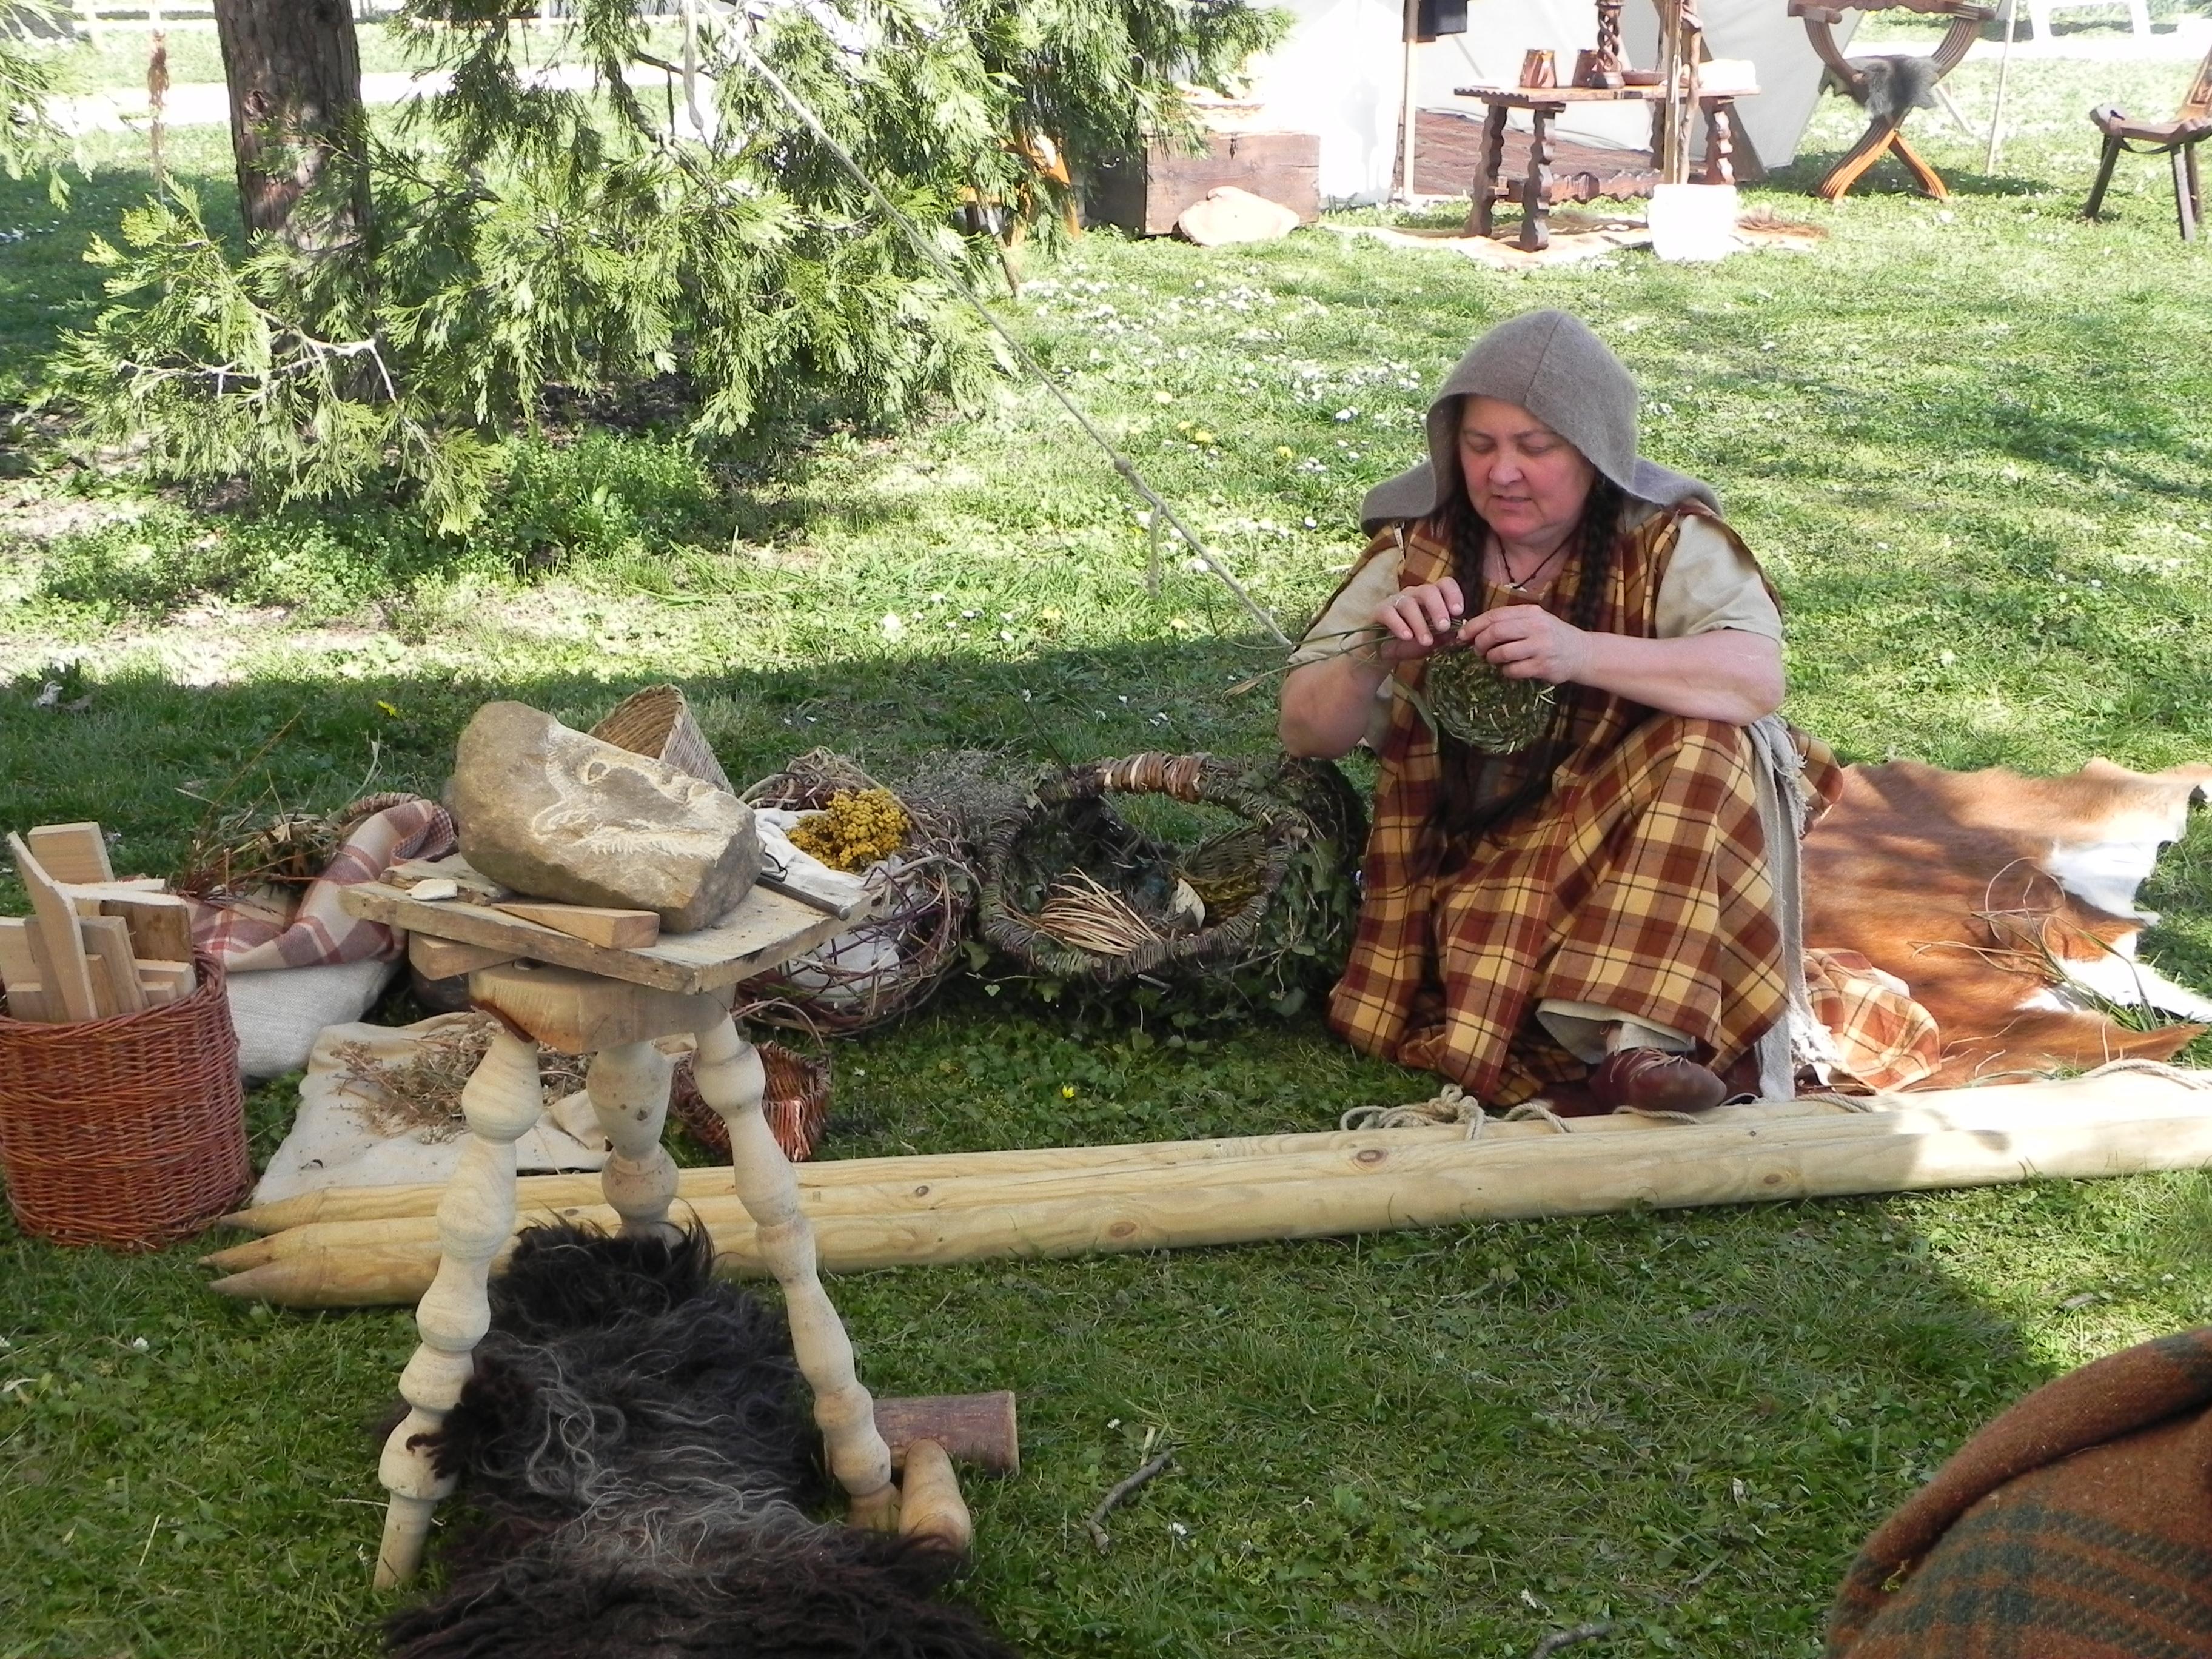 Luerna fabrique des paniers en osier